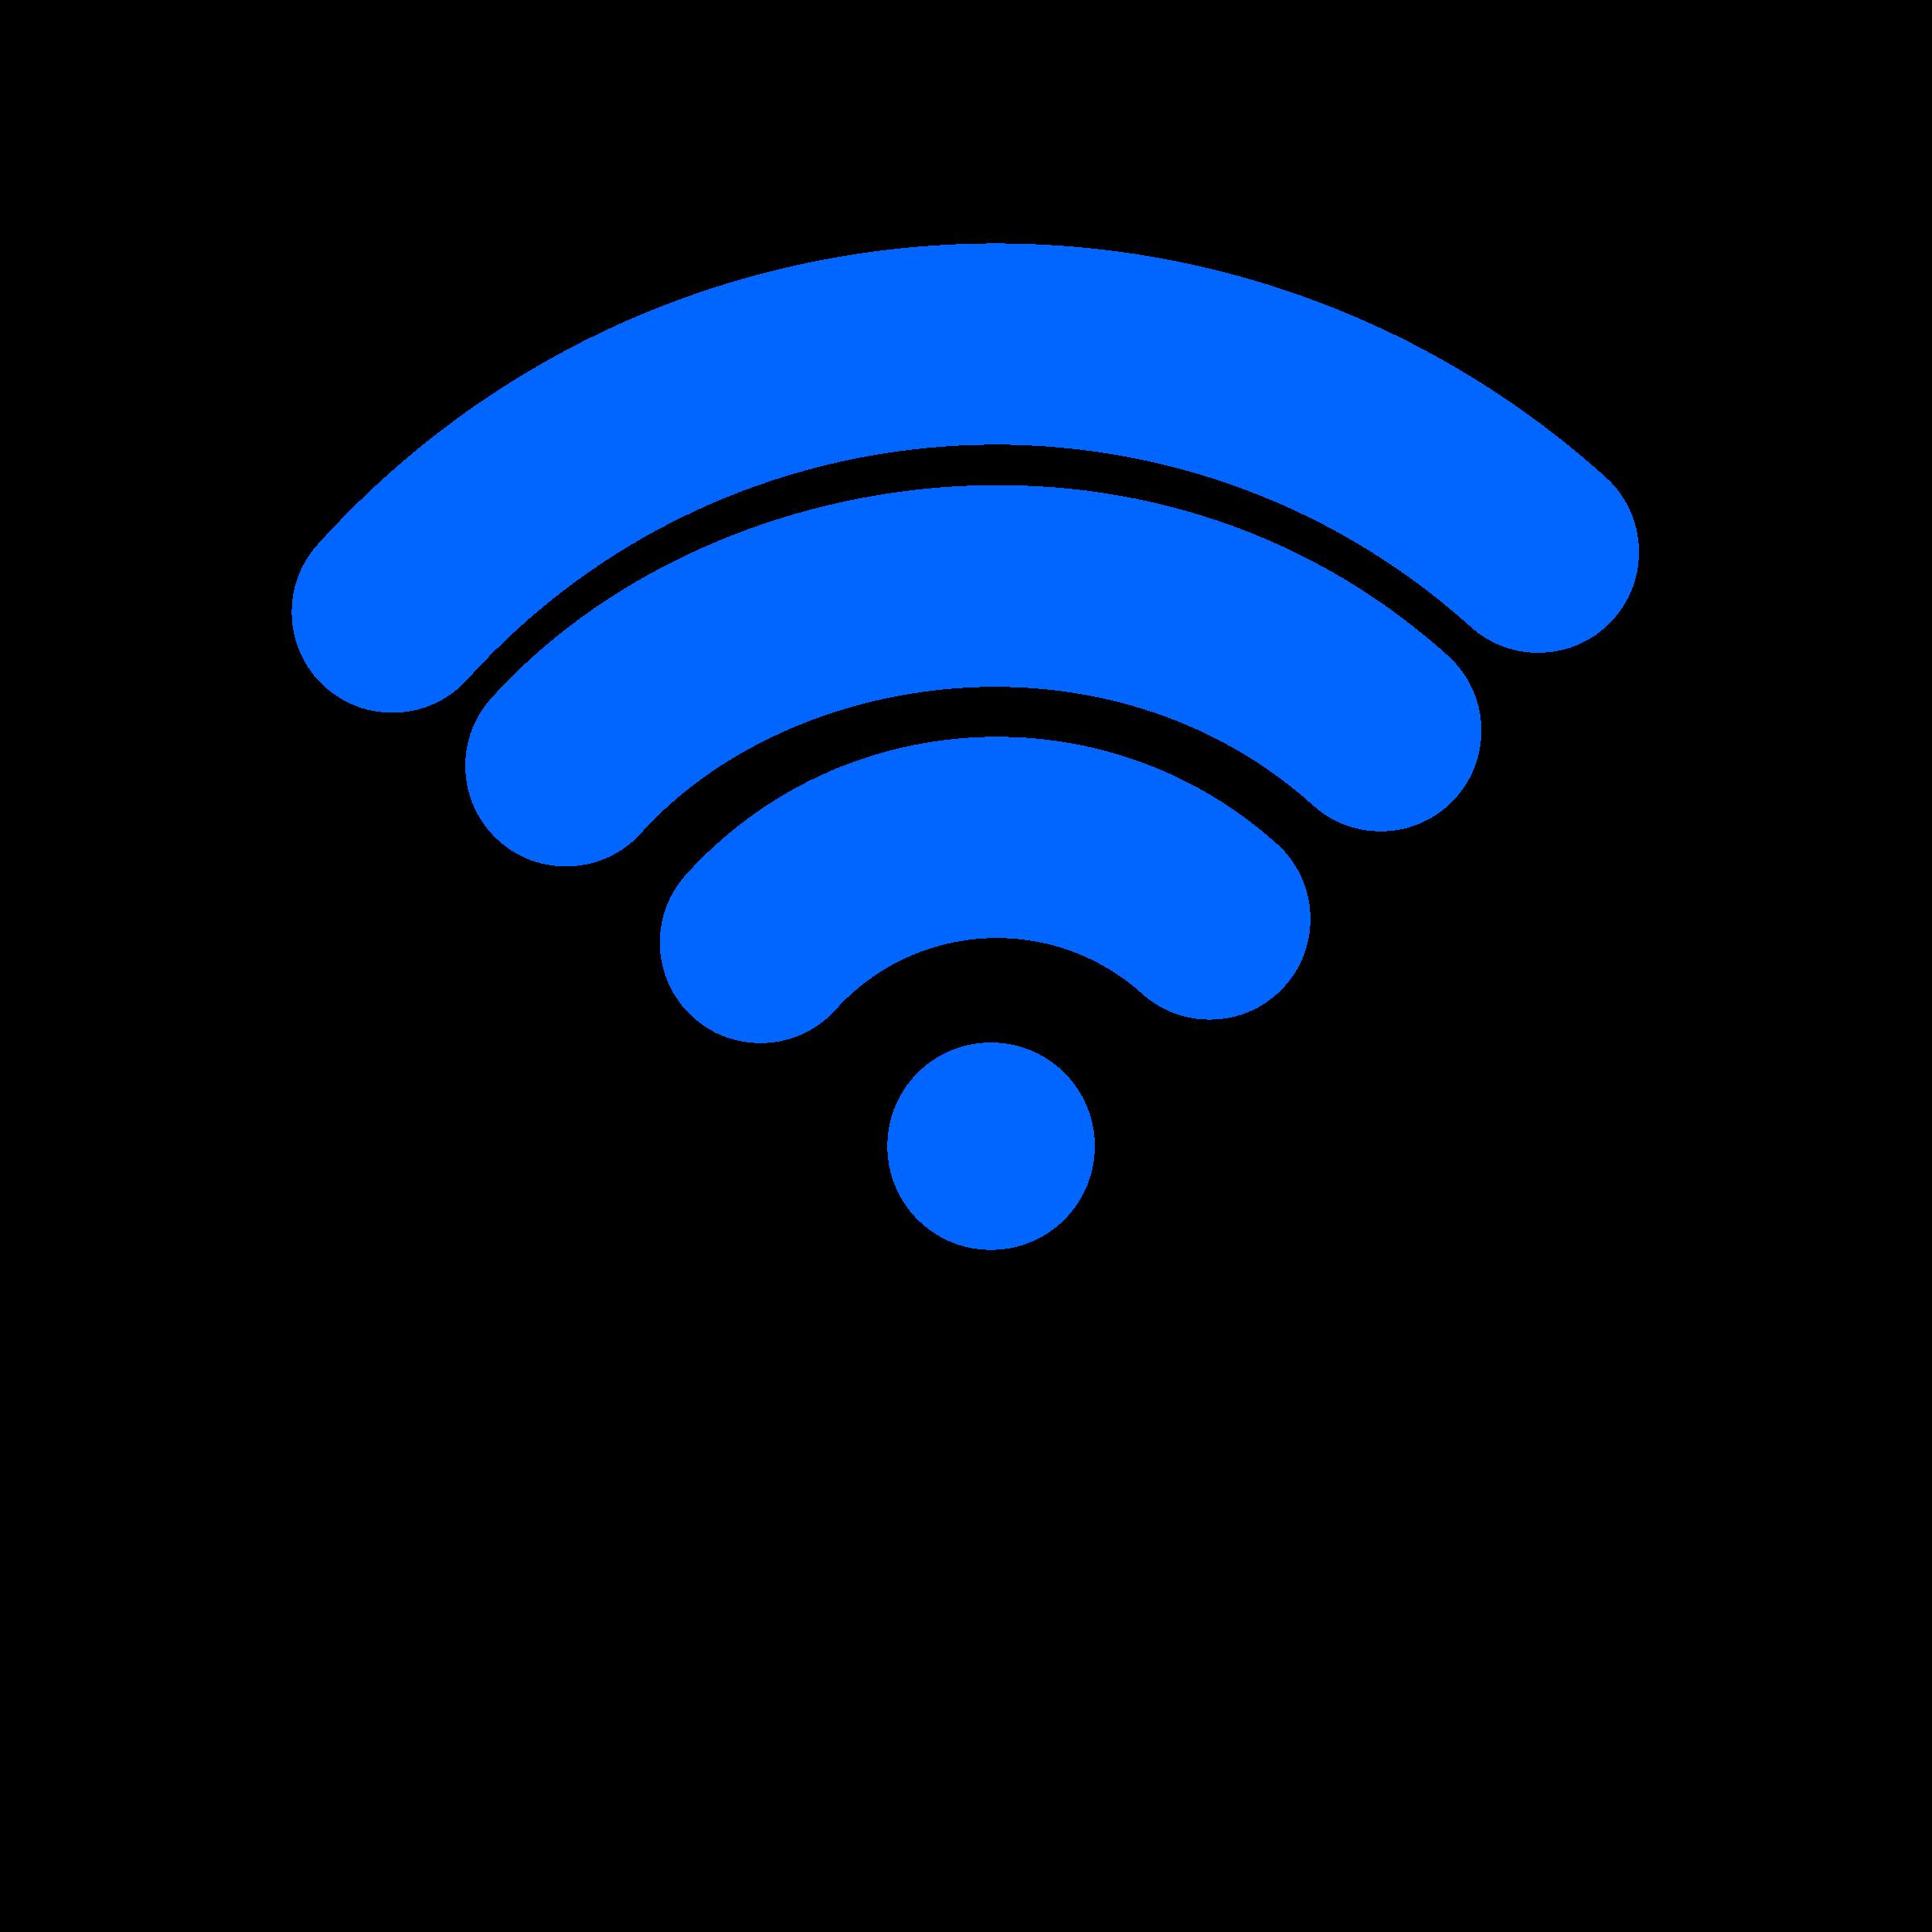 Free Wifi Symbol Cliparts, Download Free Clip Art, Free Clip.